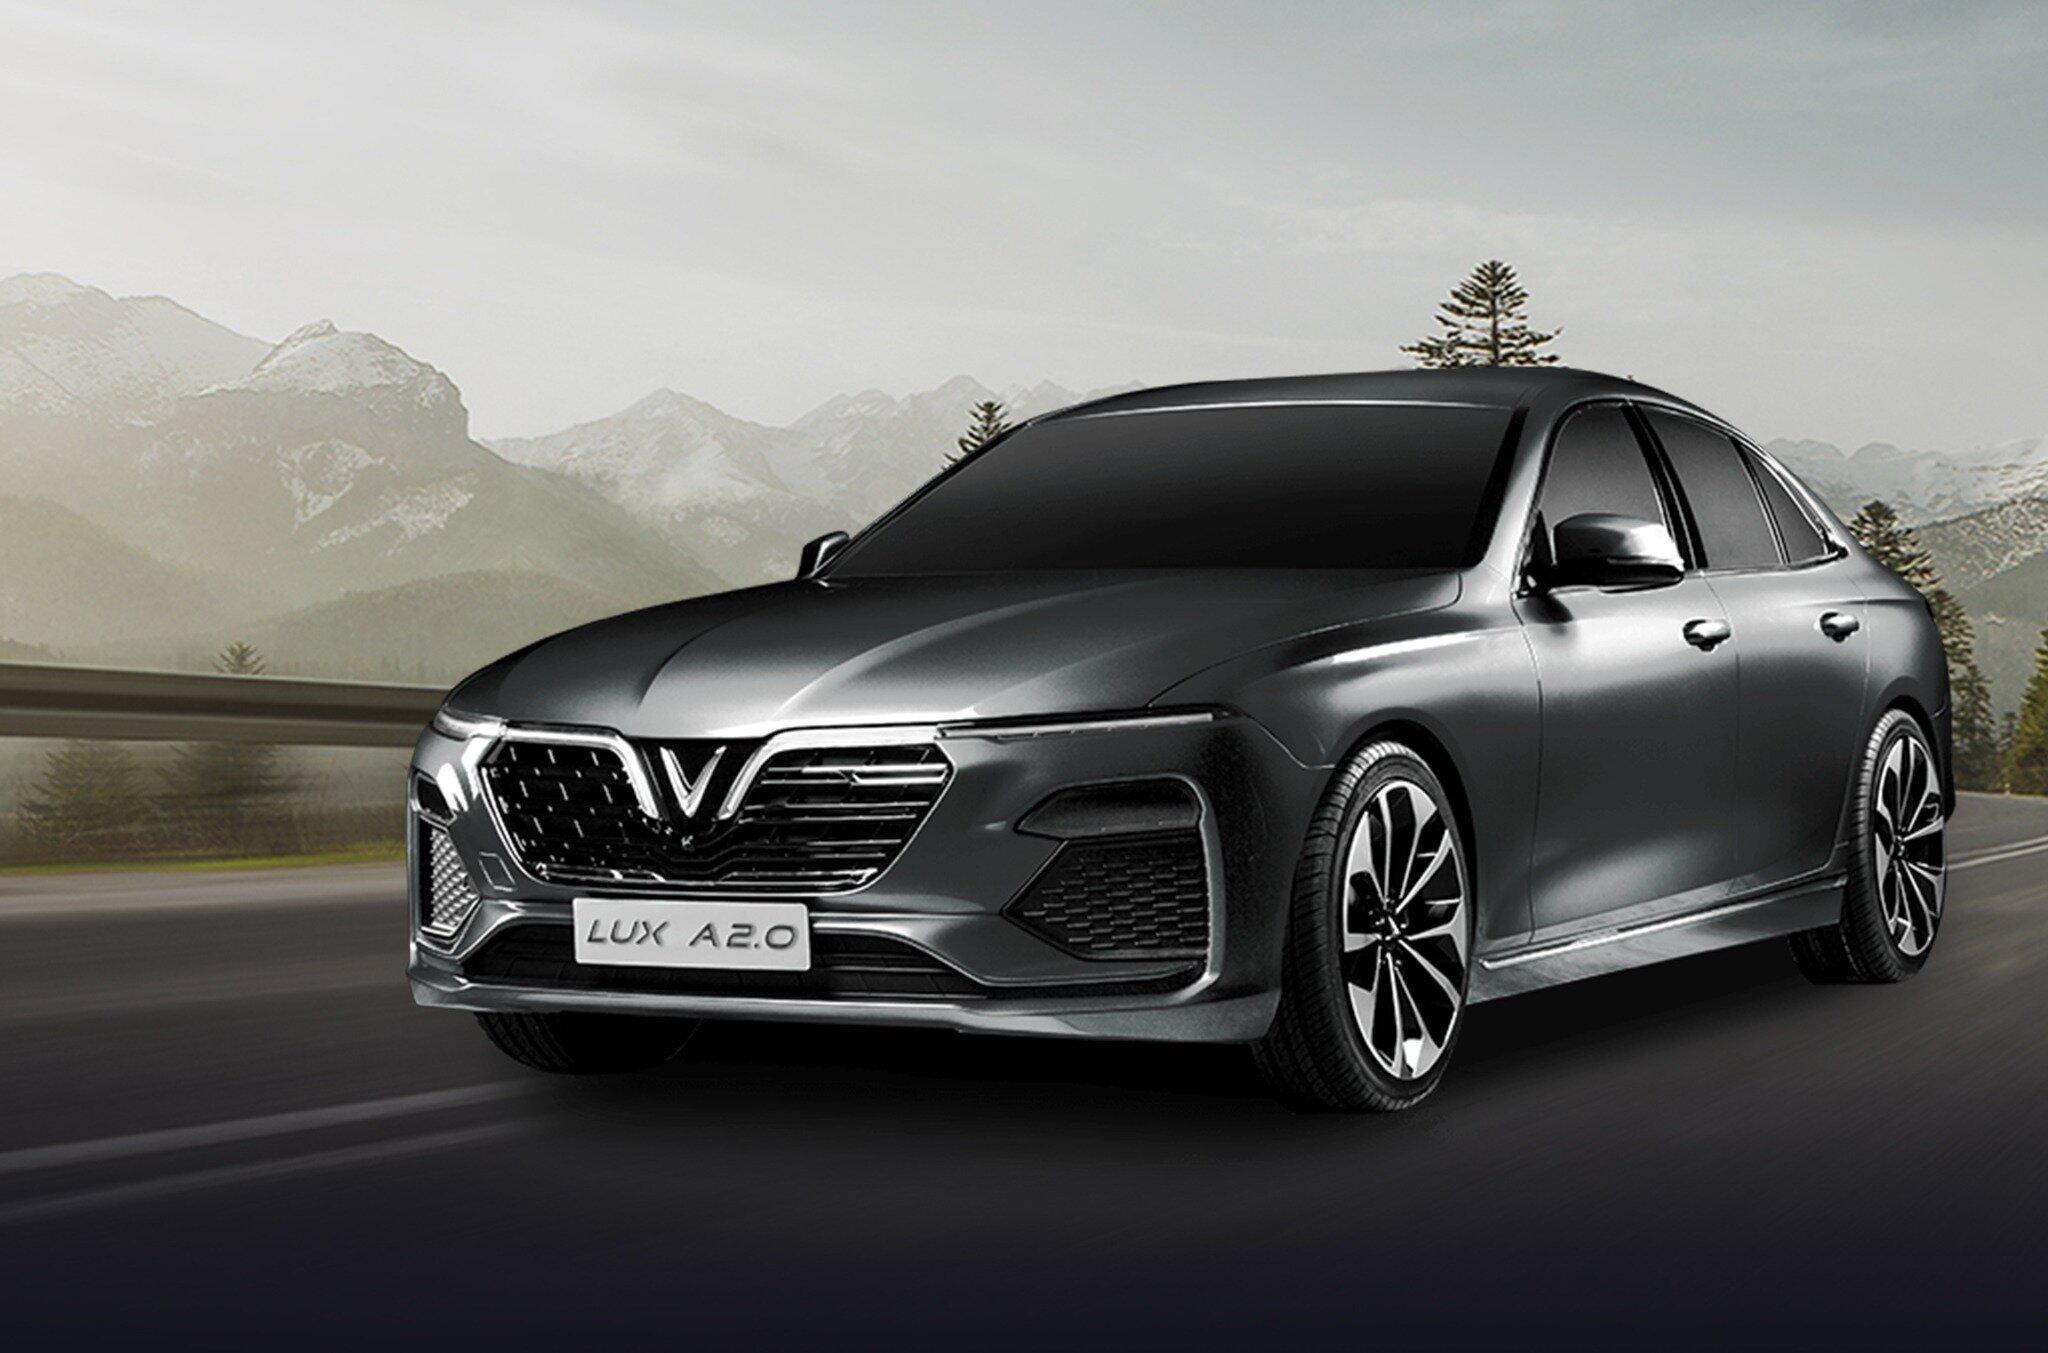 Xe màu xám thích hợp với người có mệnh Thổ - VinFast Lux A2.0 có những màu gì